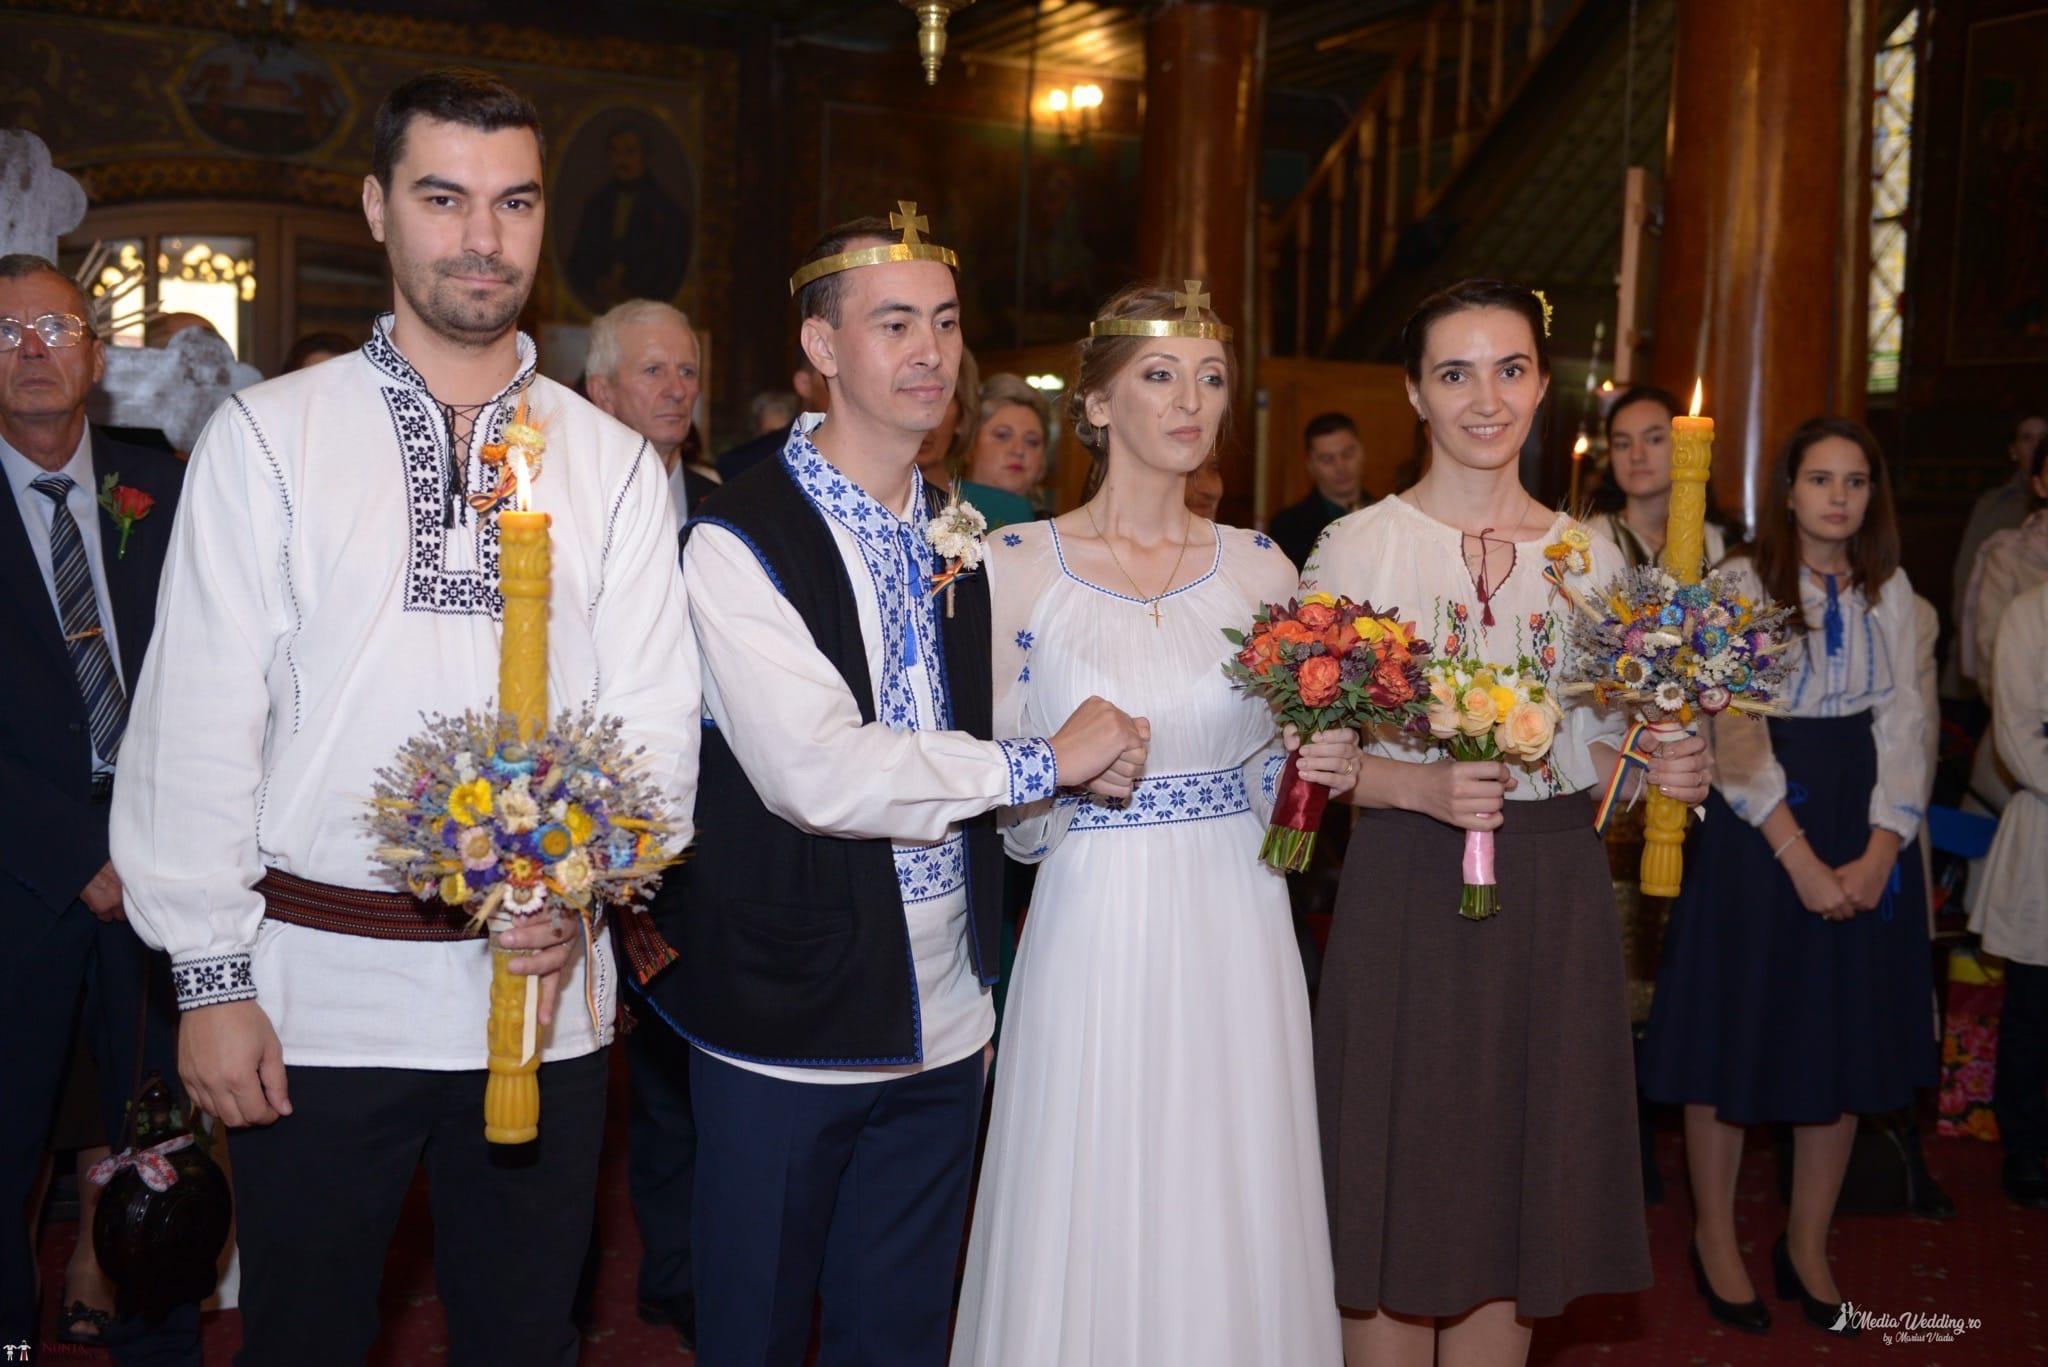 Povești Nunți Tradiționale - Alina-Maria și Ilie, nuntă tradițională în București 13